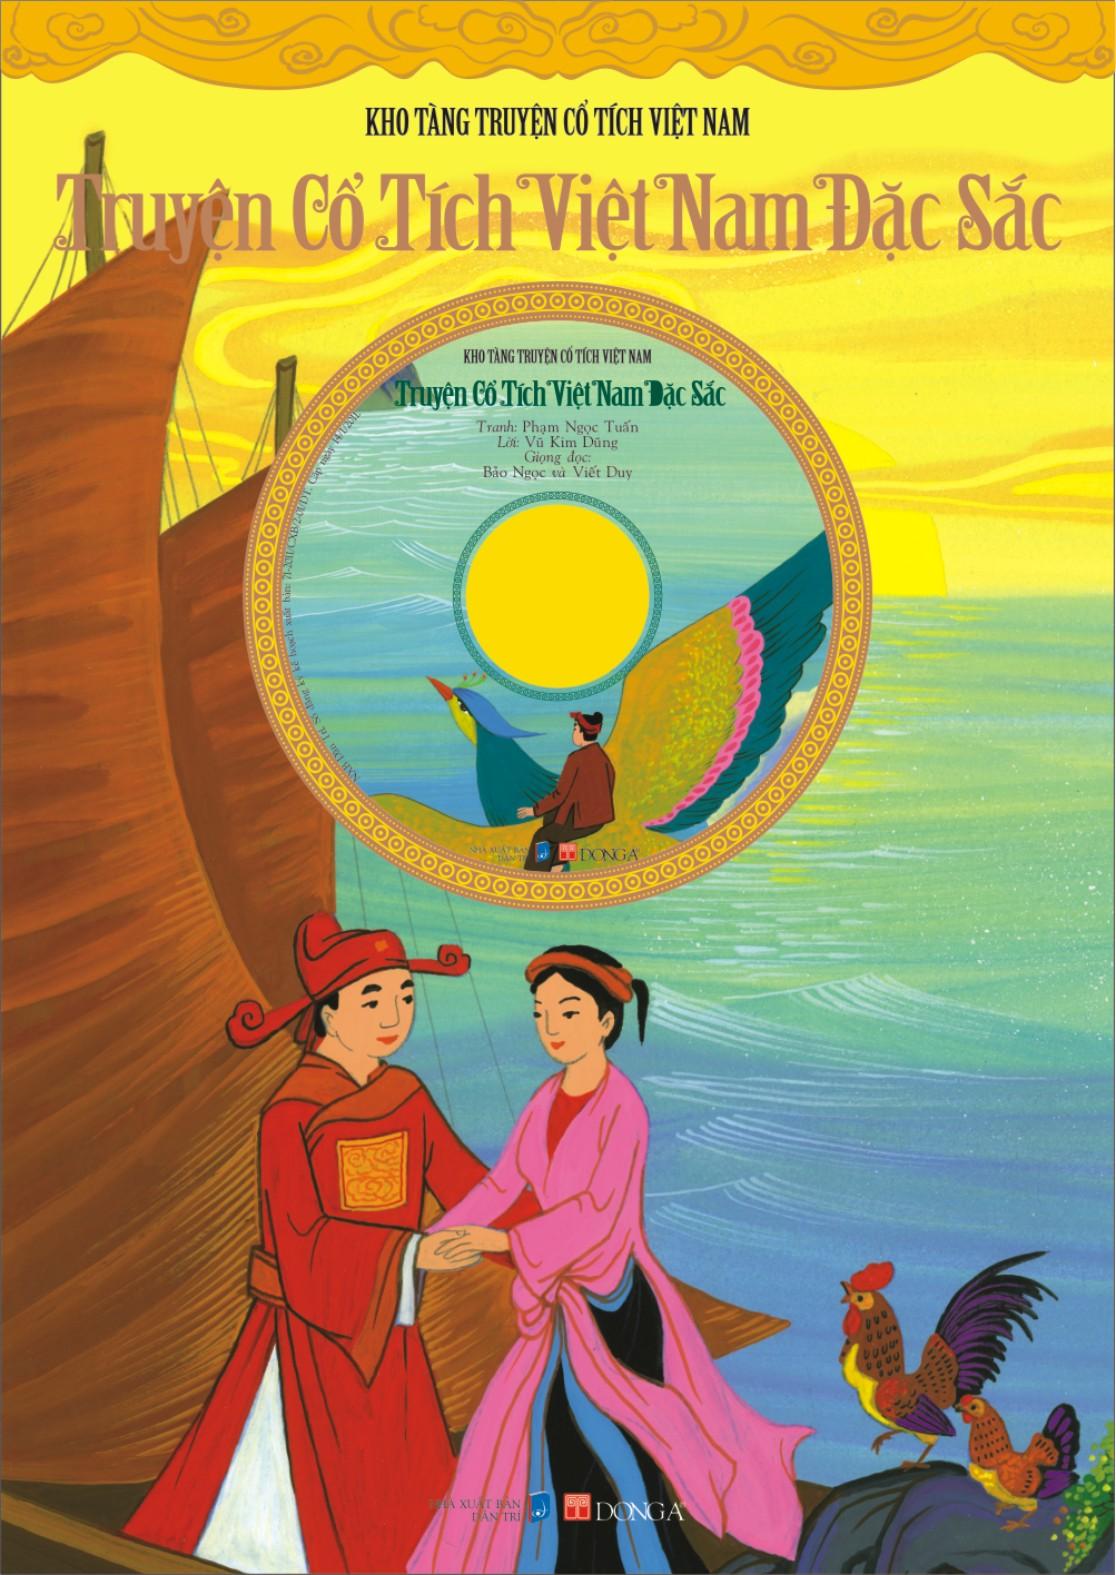 eBook Tranh Truyện Cổ tích Việt nam trọn bộ 20 cuốn PDF [Cổ Tích]